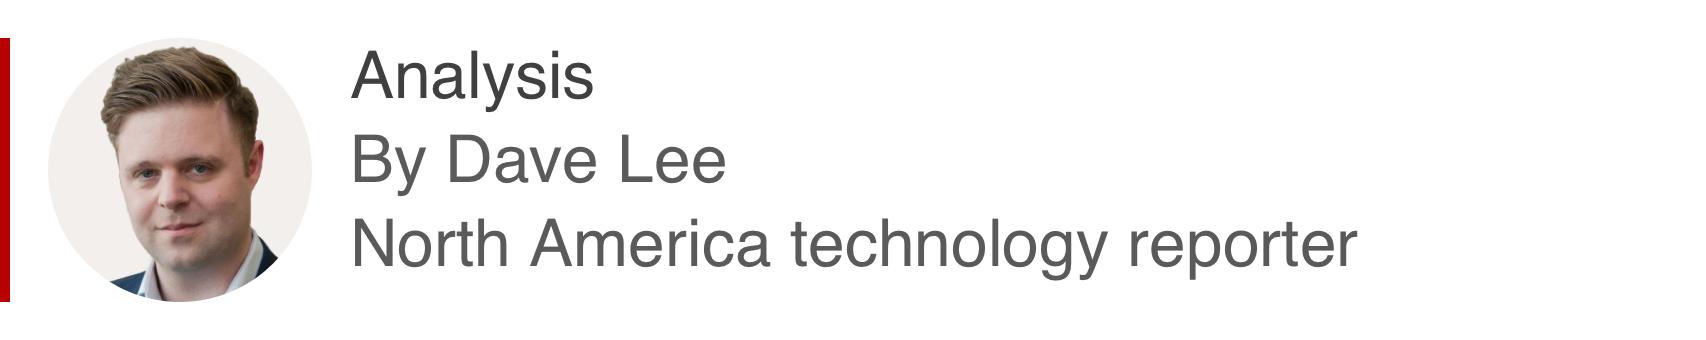 Boîte d'analyse par Dave Lee, journaliste technologique nord-américain